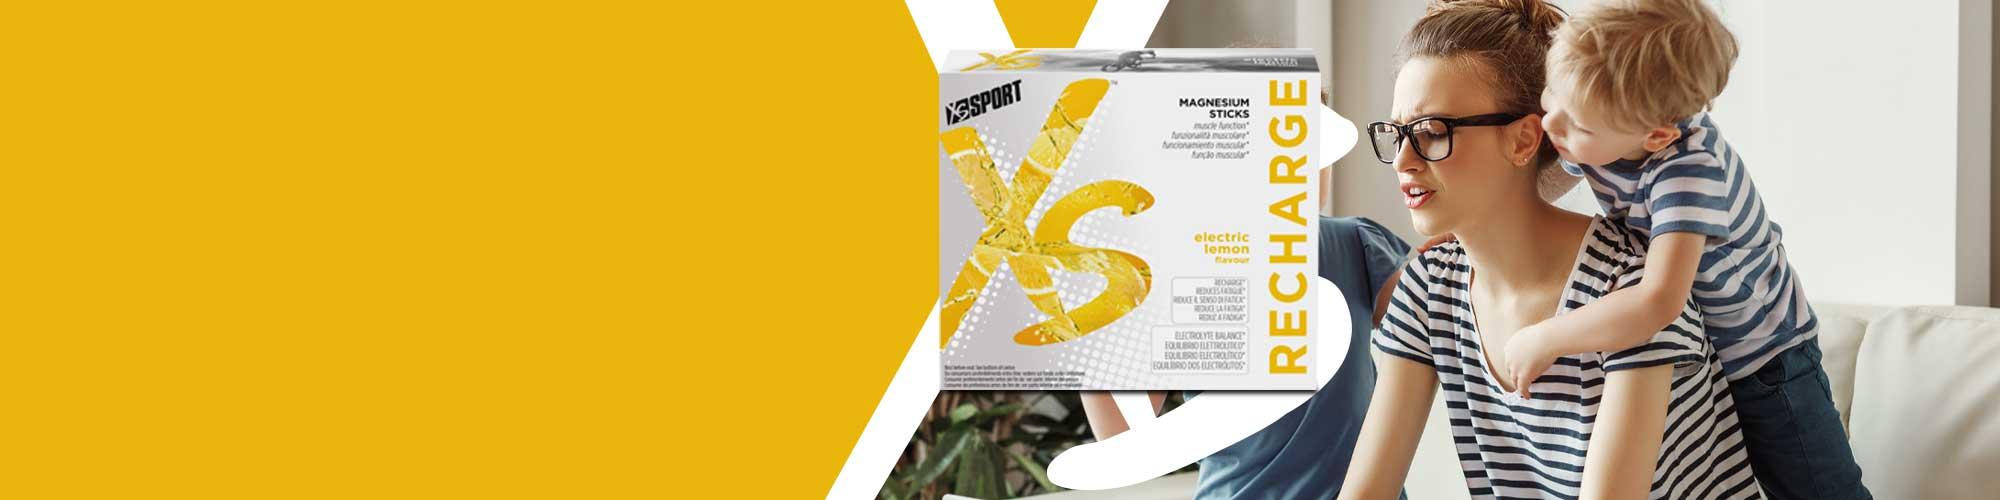 xs-mag-sticks-5-banner-2000-500.jpg